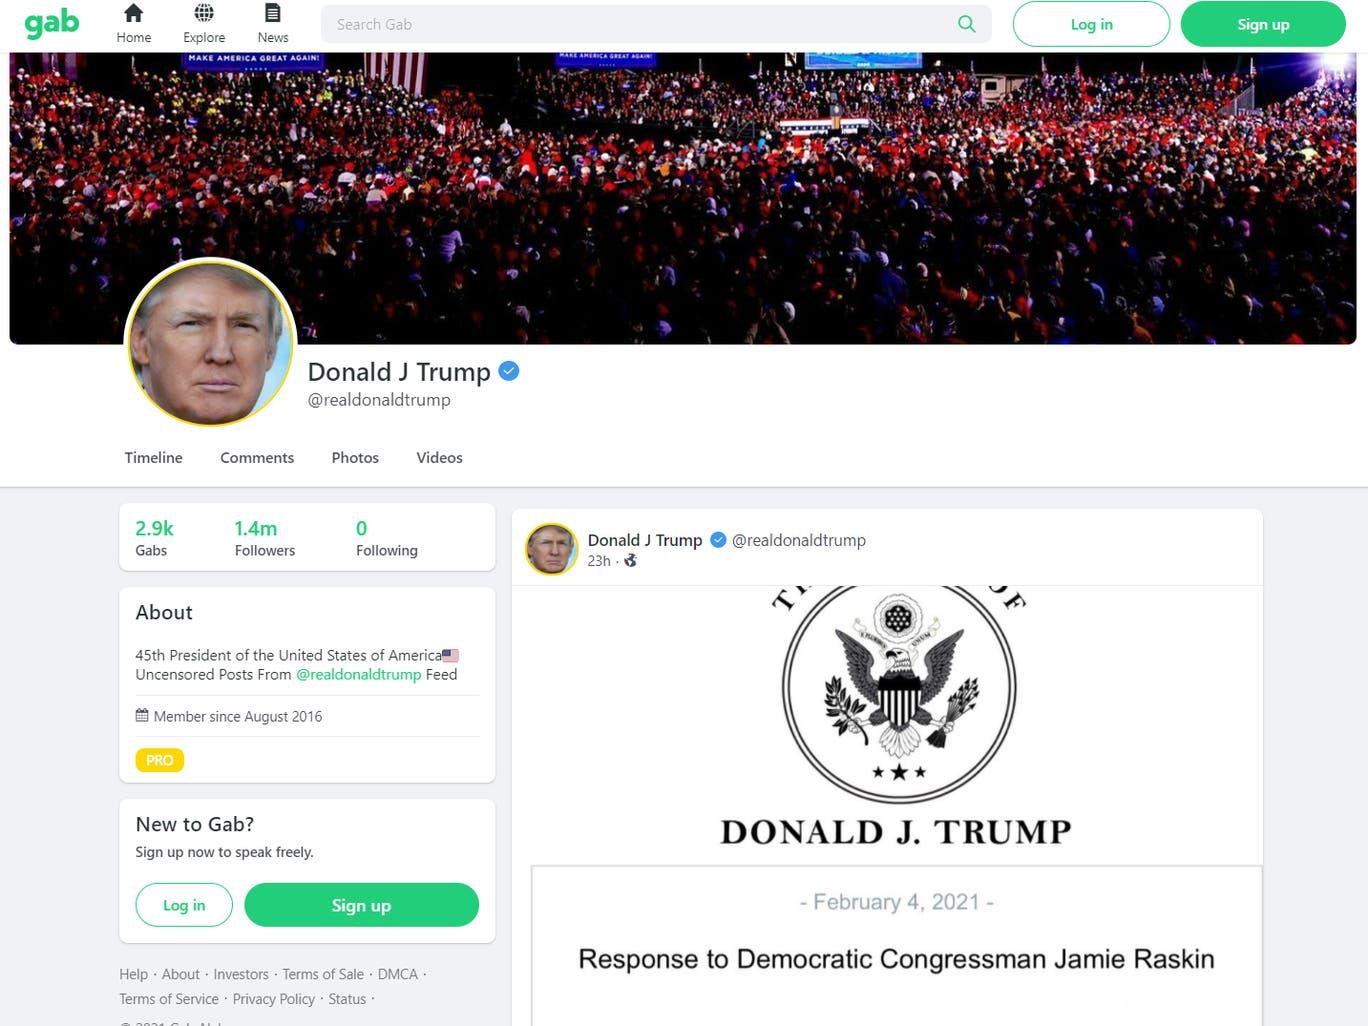 被推特等平台封杀一个月后,特朗普重返社交媒体